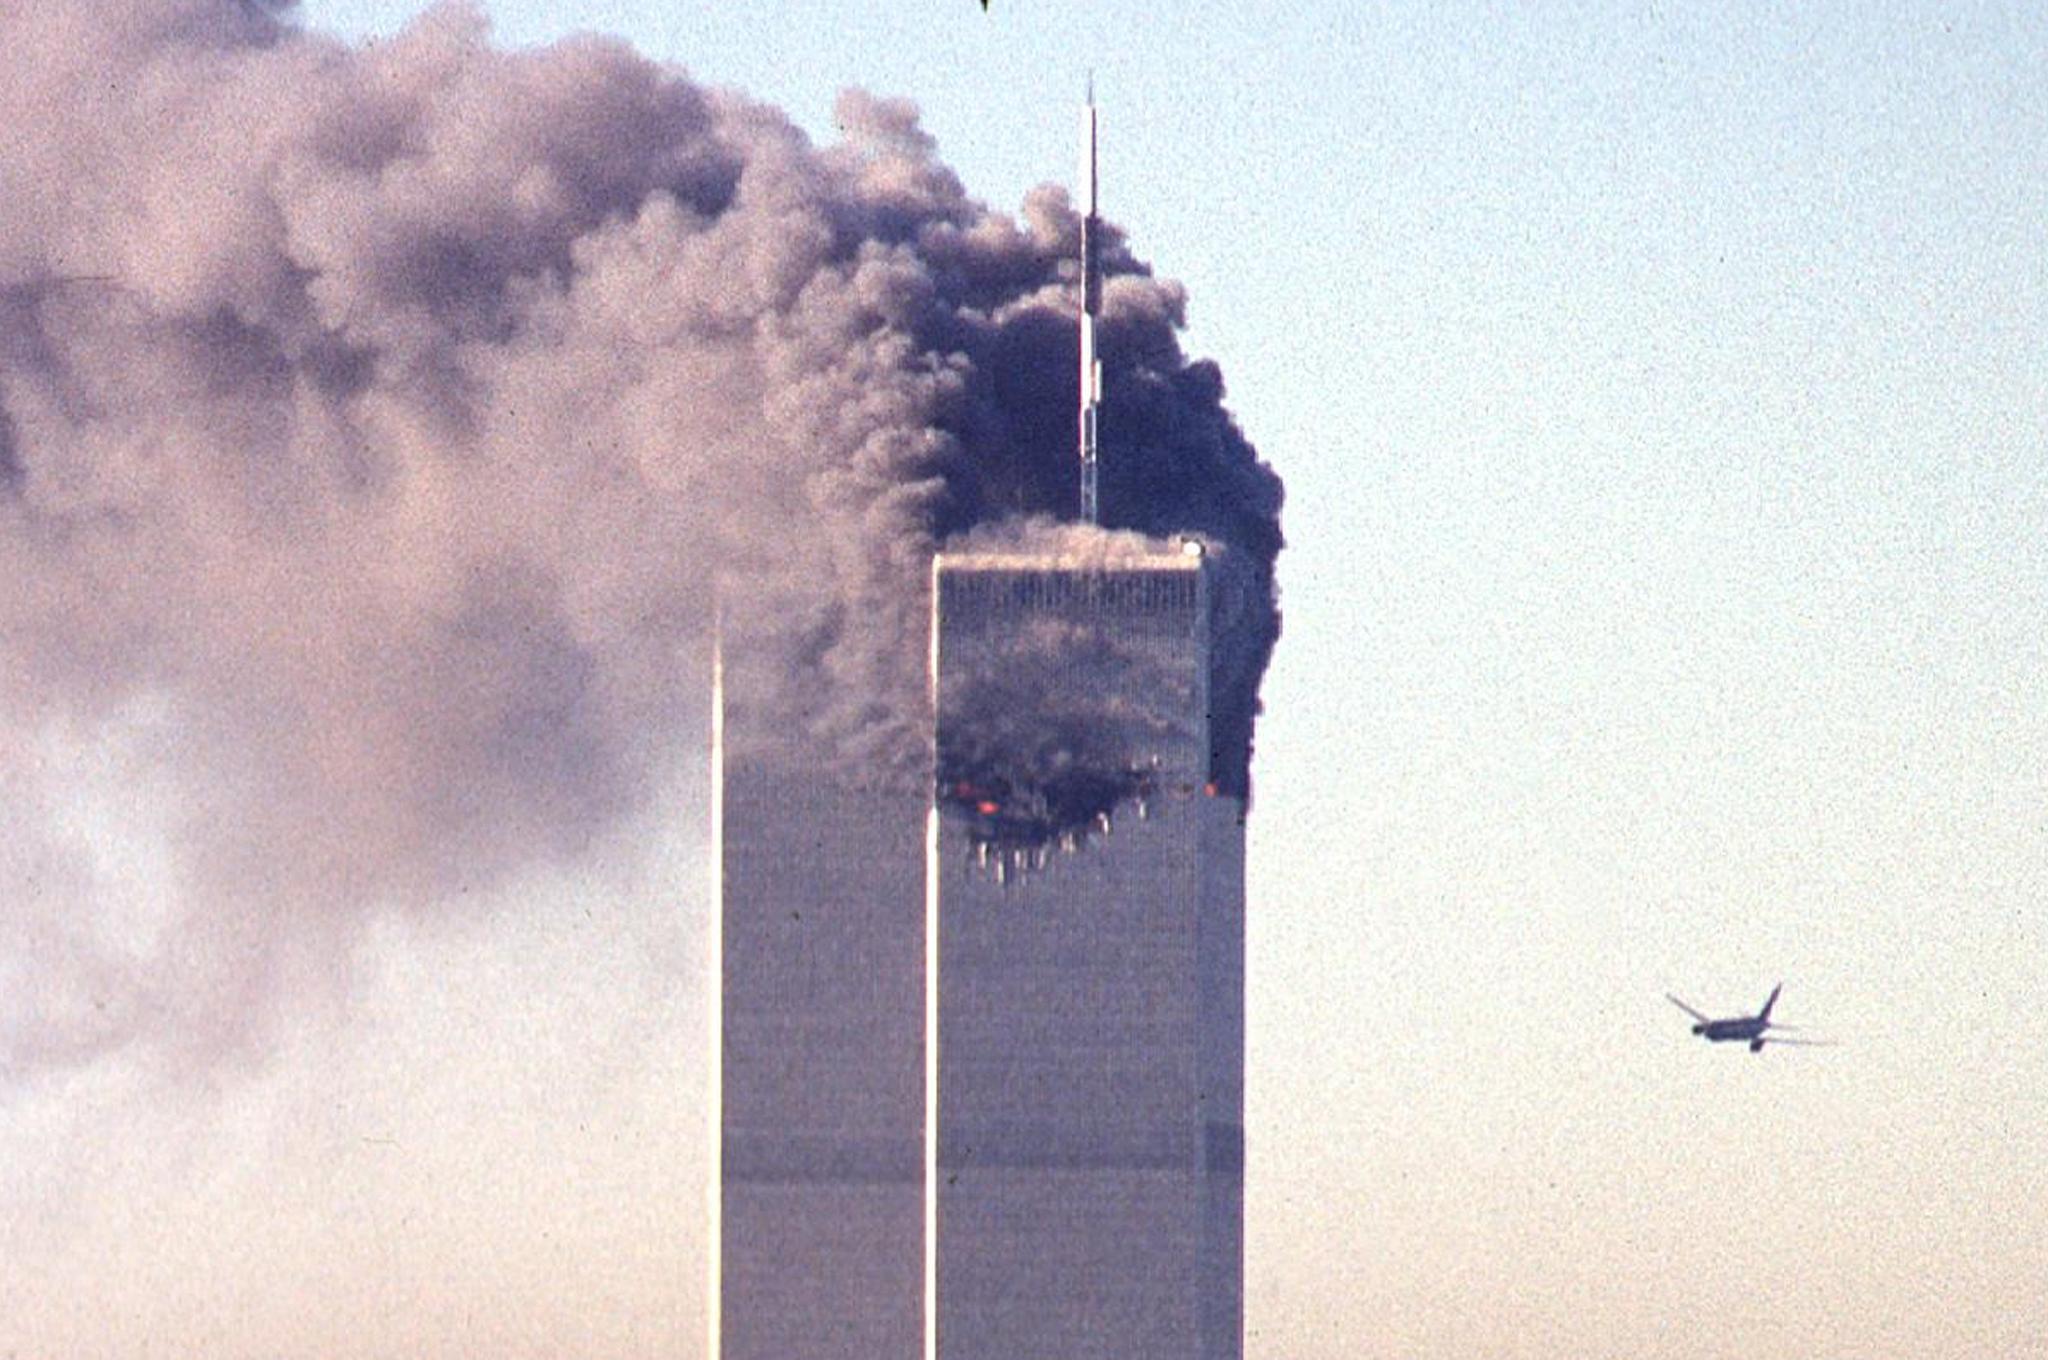 Un avión comercial secuestrado se acerca al World Trade Center en Nueva York el 11 de septiembre de 2001